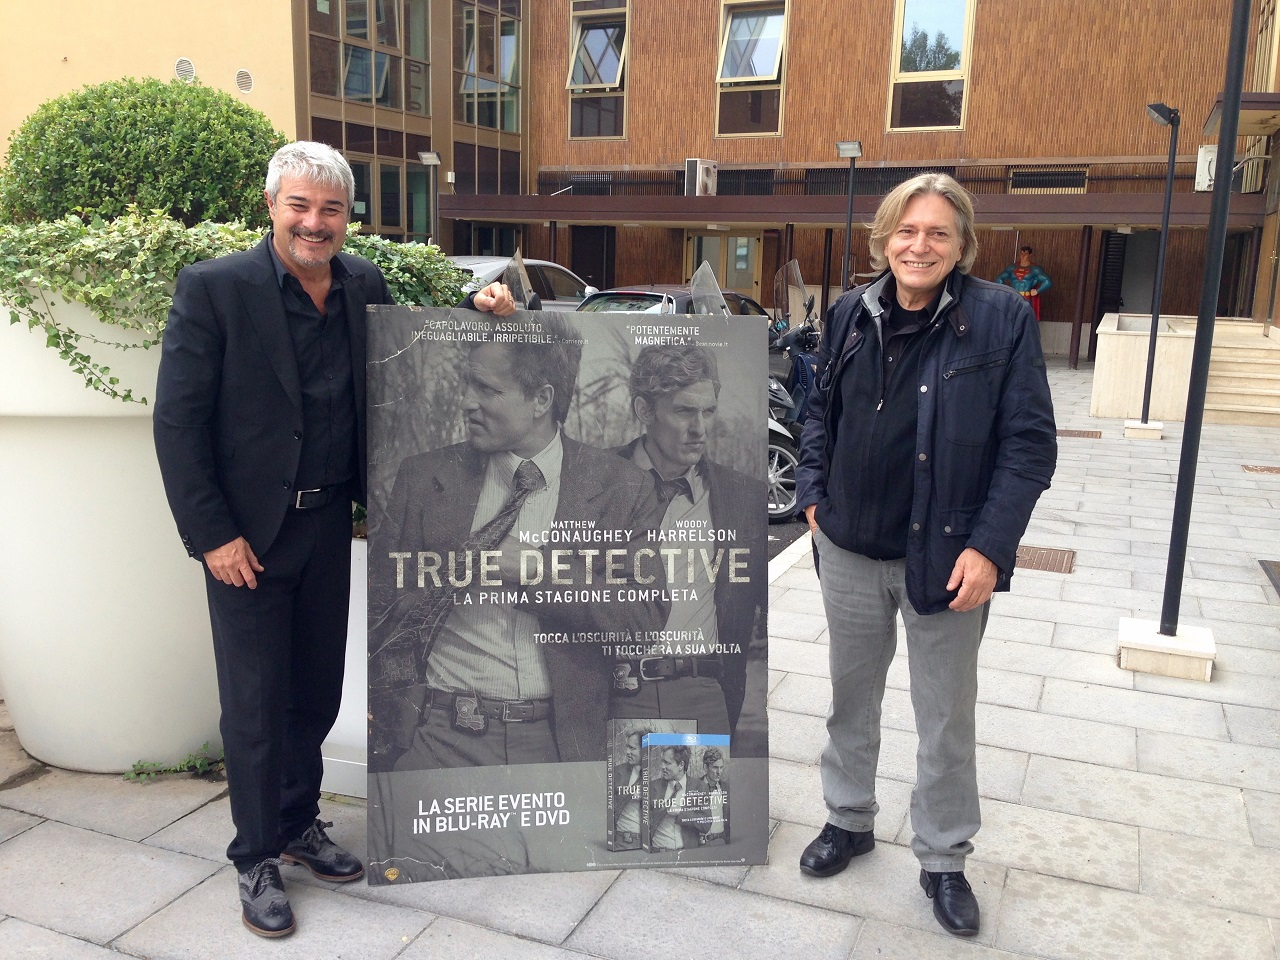 True Detective - Foto di Chiara Evangelisti - 01